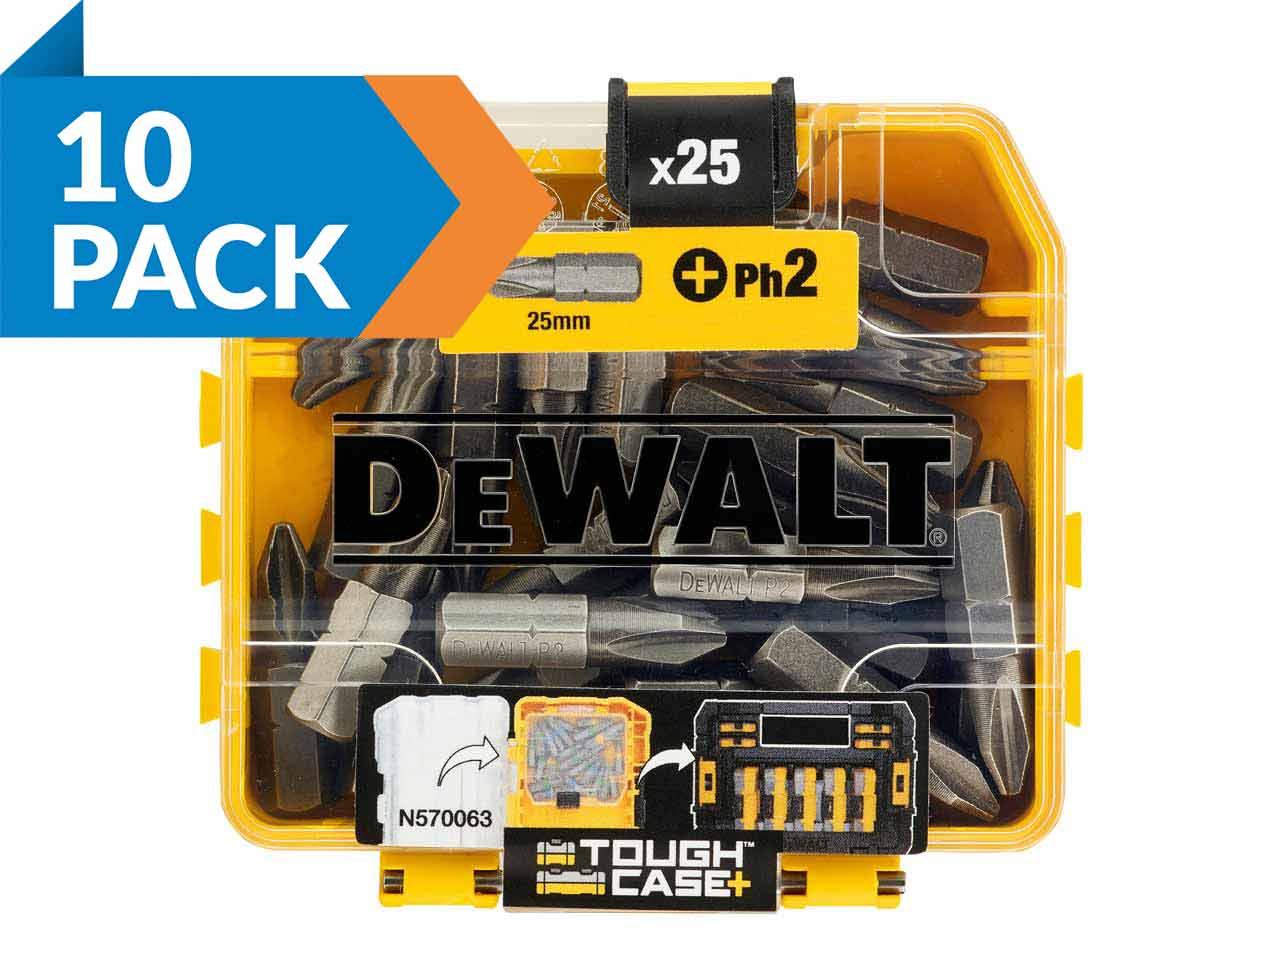 DeWalt_DT71522x10v2.jpg